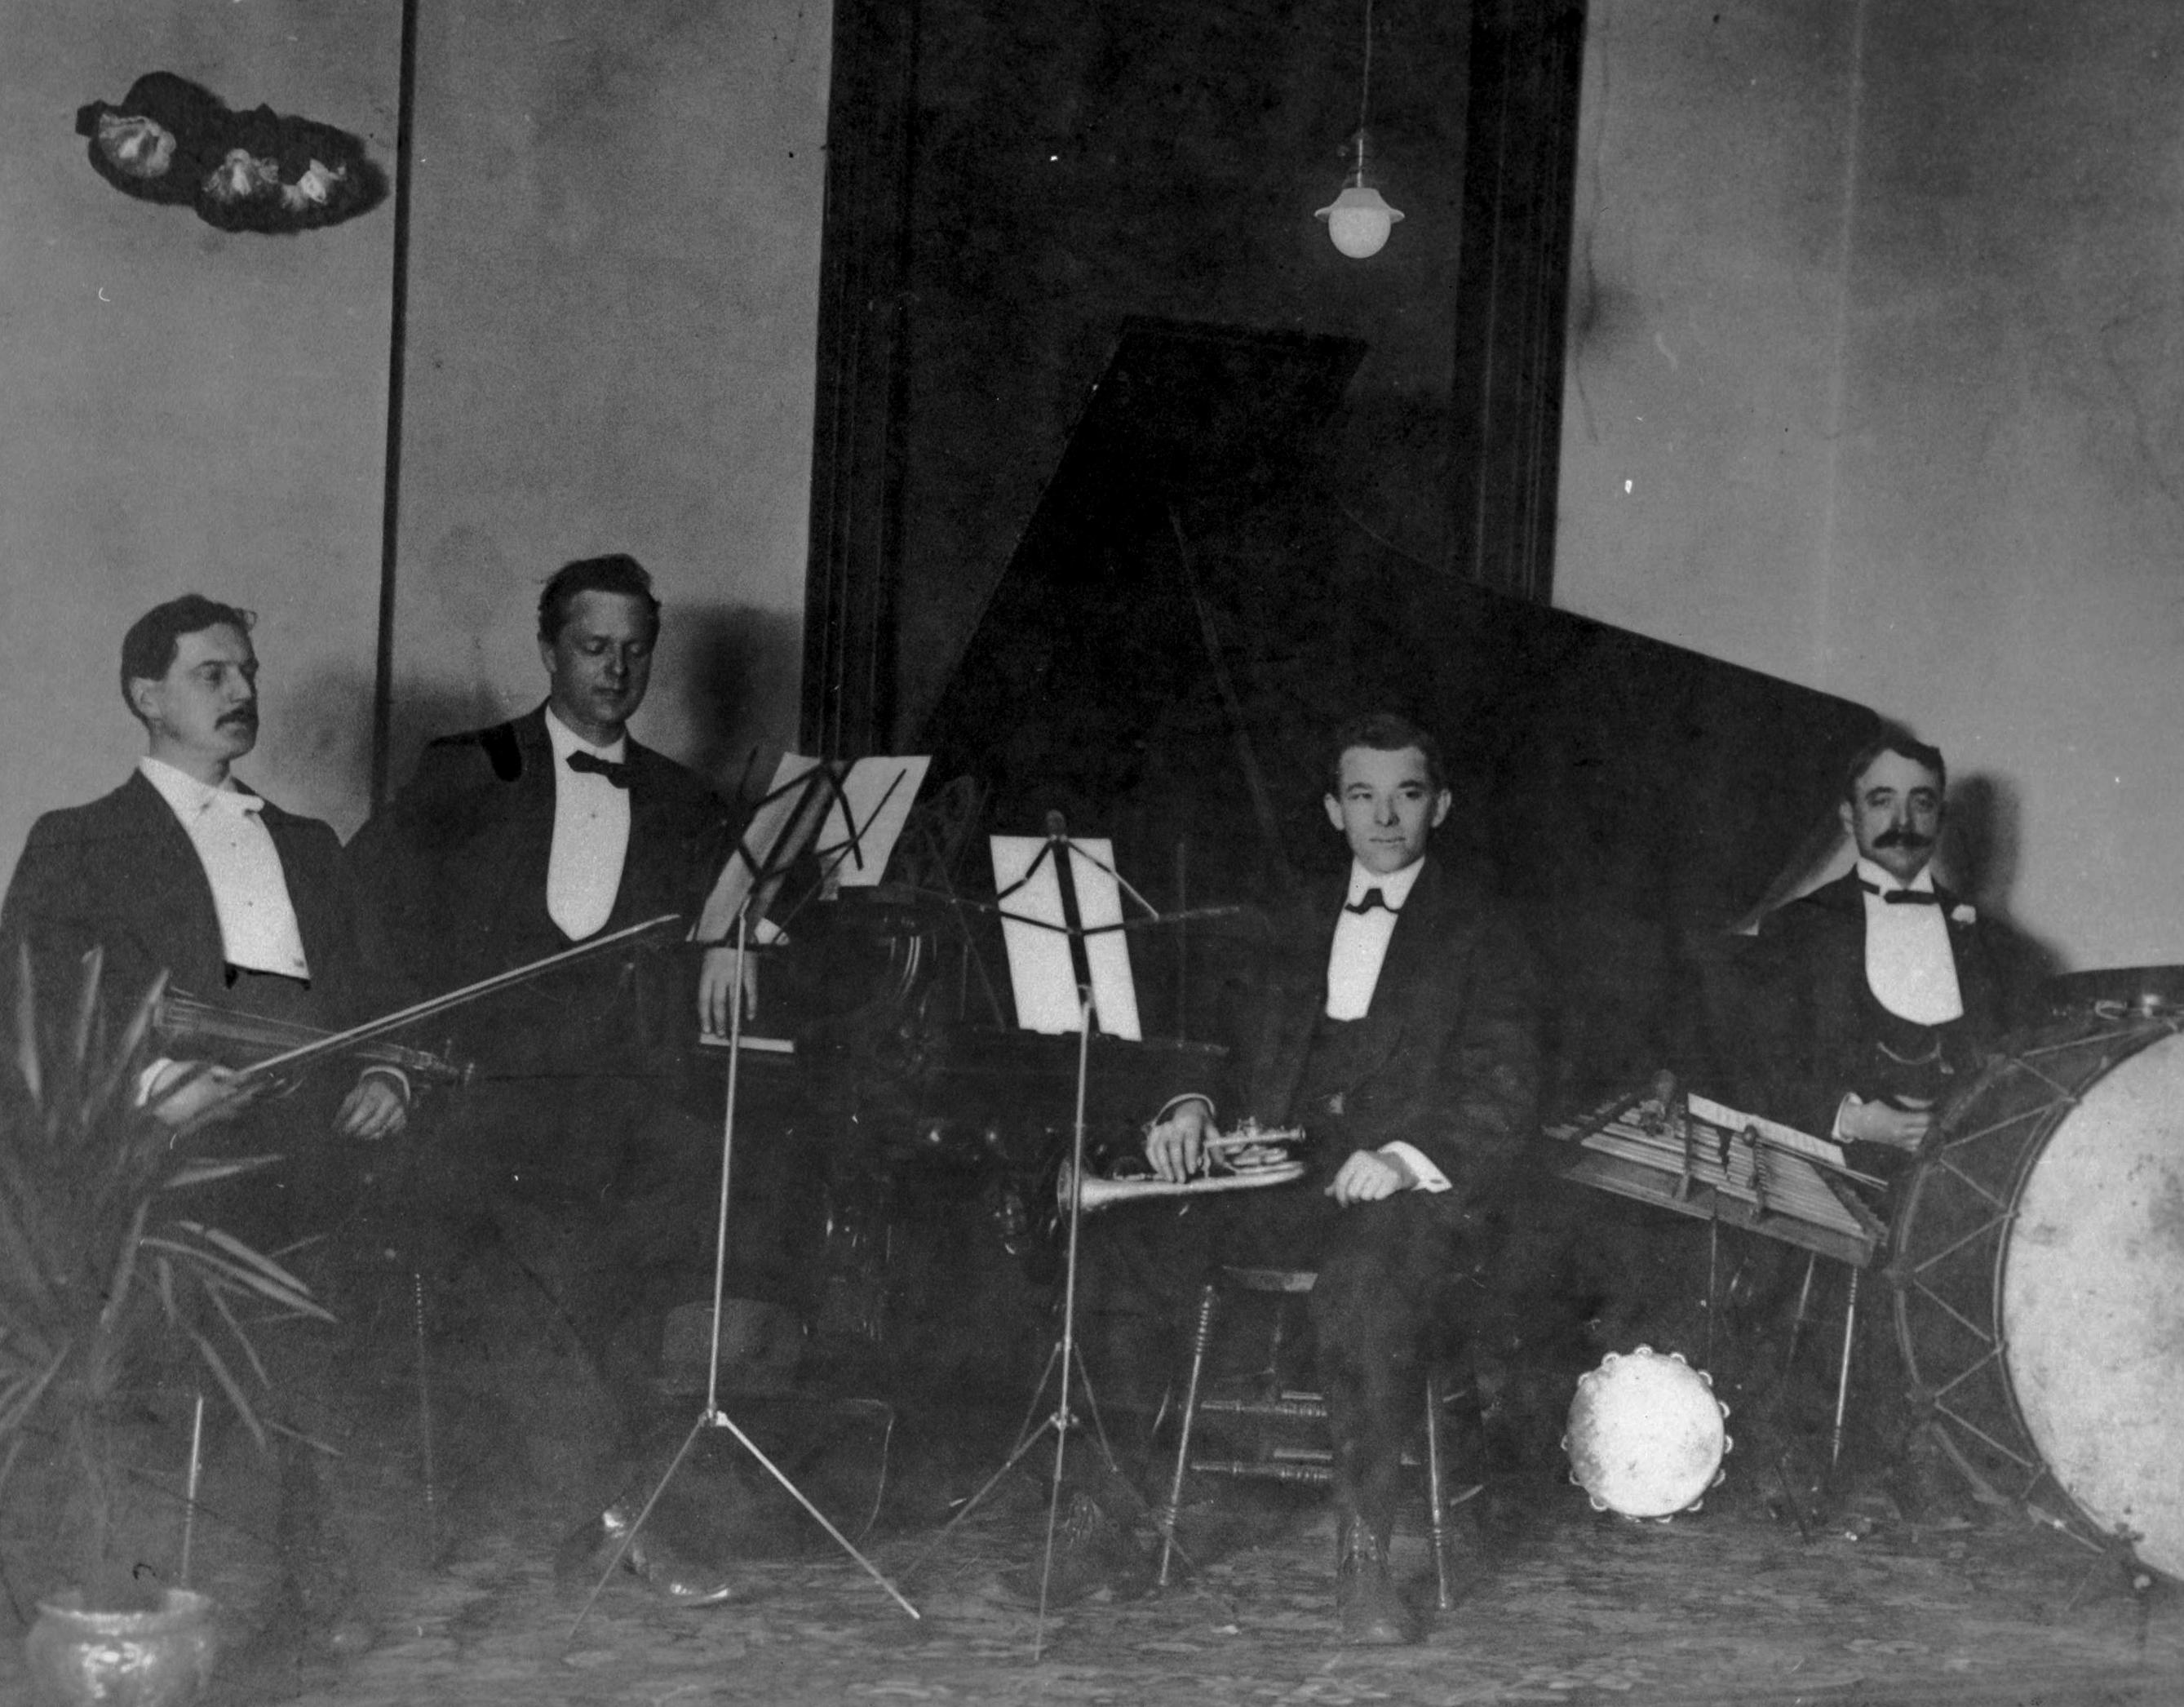 CVA 677-178 - [Horace] Harpur's Orchestra ca 1900